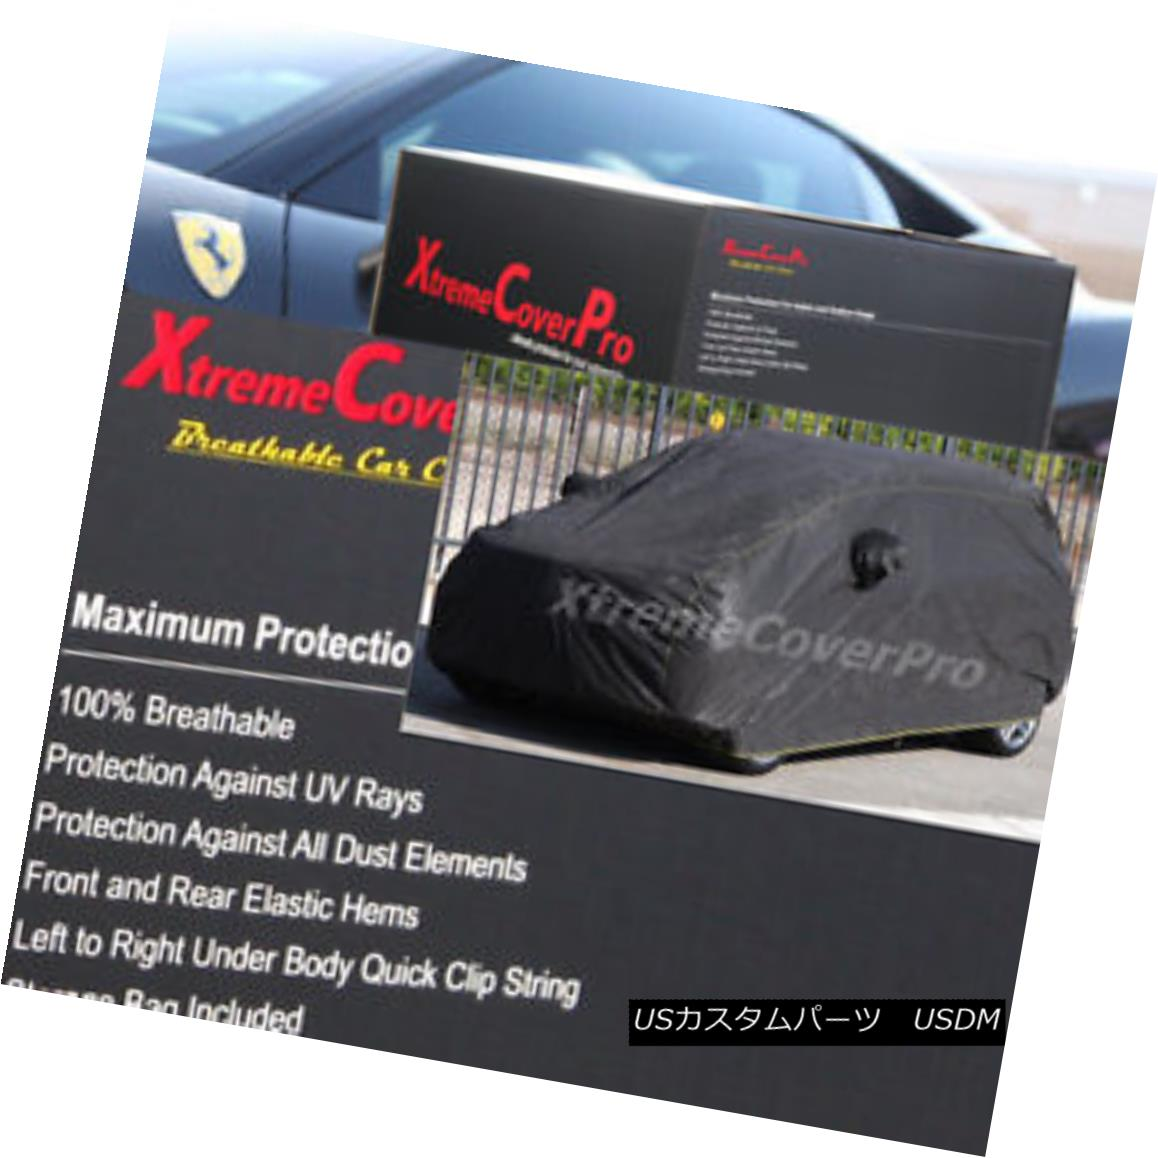 カーカバー 2016 2017 MERCEDES GLC300 GLC43 SUV BREATHABLE CAR COVER W/MIRRORPOCKET-BLACK 2016年2017年メルセデスGLC300 GLC43 SUVブリーザブルカーカバー/ミラーポケット -BLACK